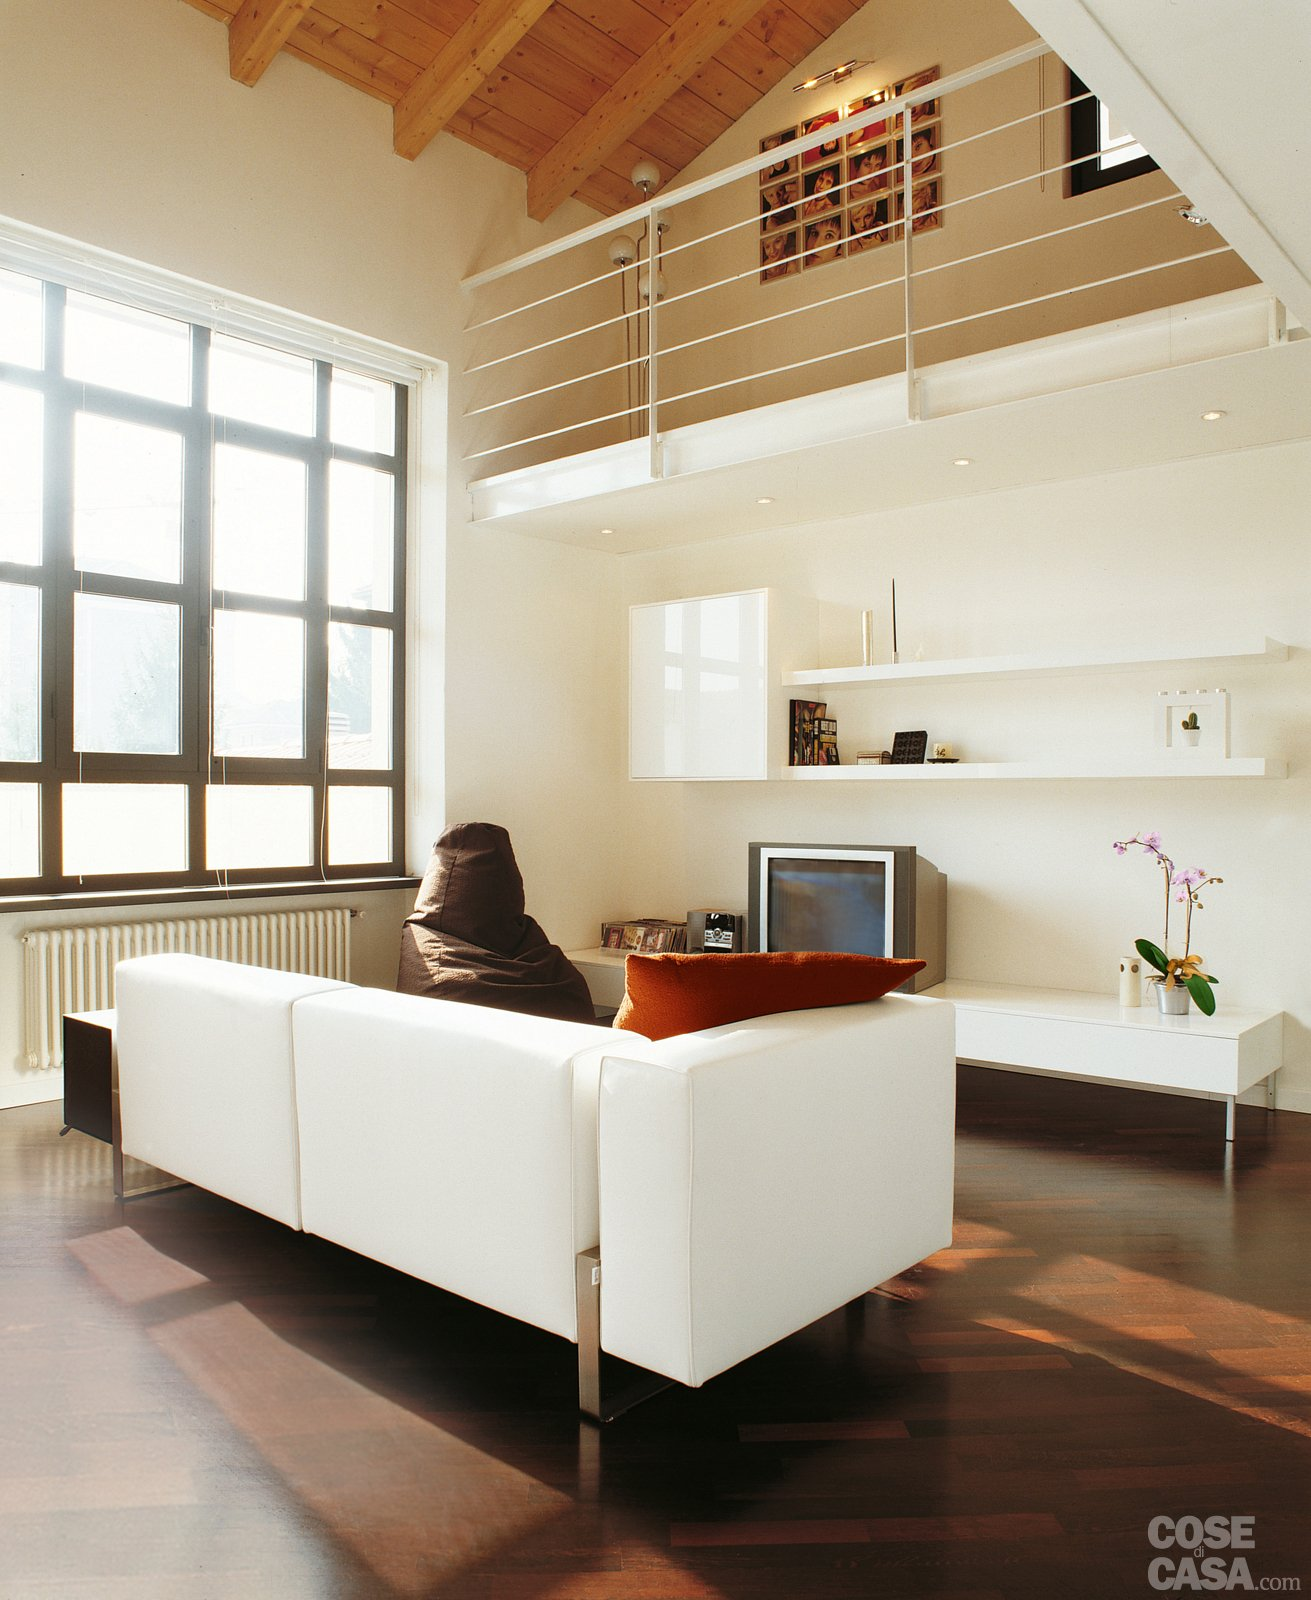 Una casa a doppia altezza con soppalco di 70 mq - Cose di Casa